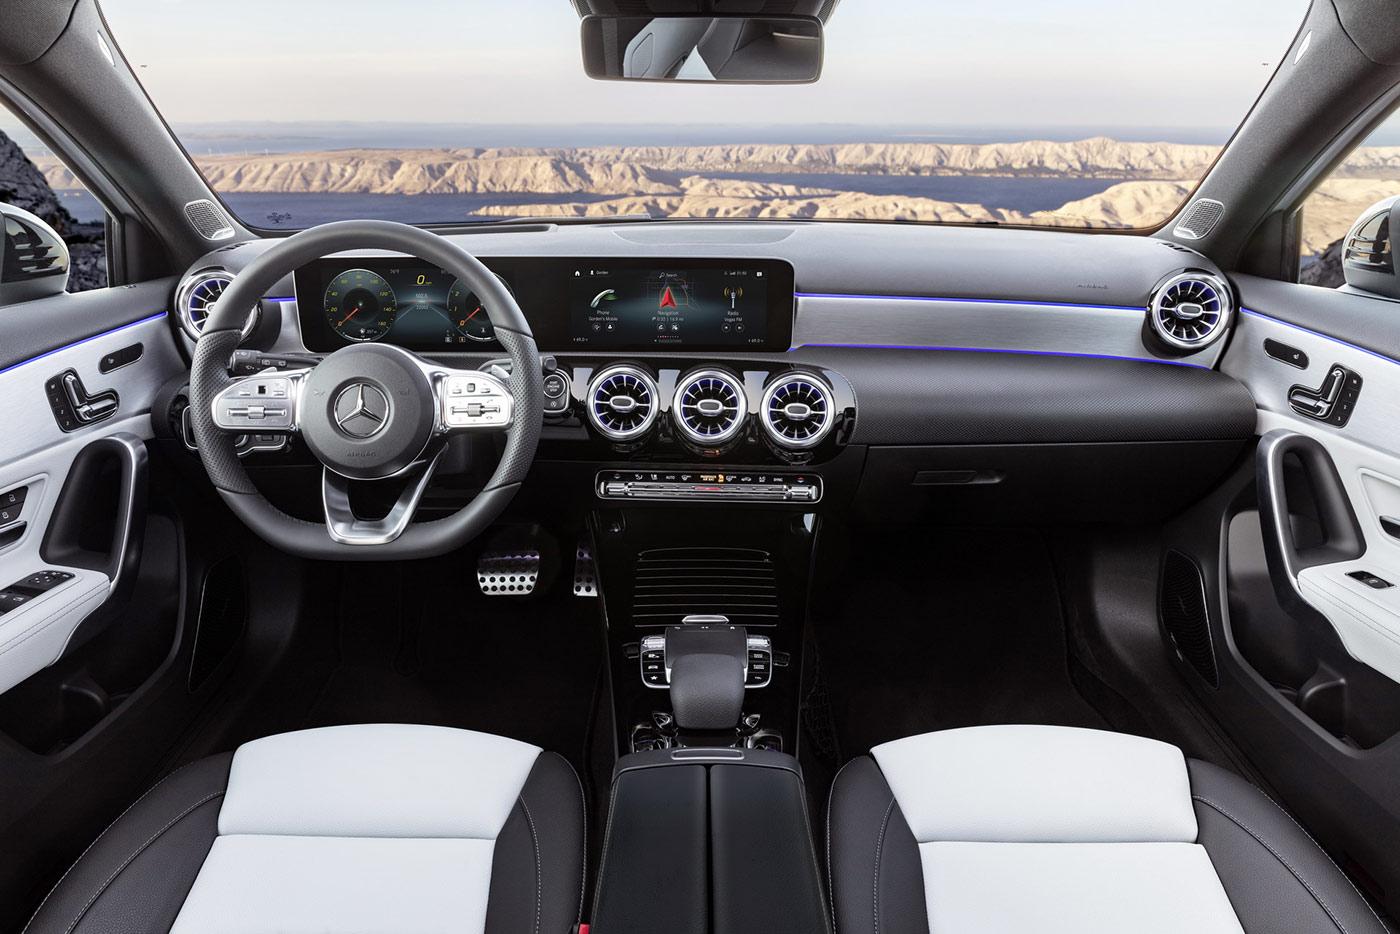 2019-mercedes-benz-a-class-hatch-31.jpg